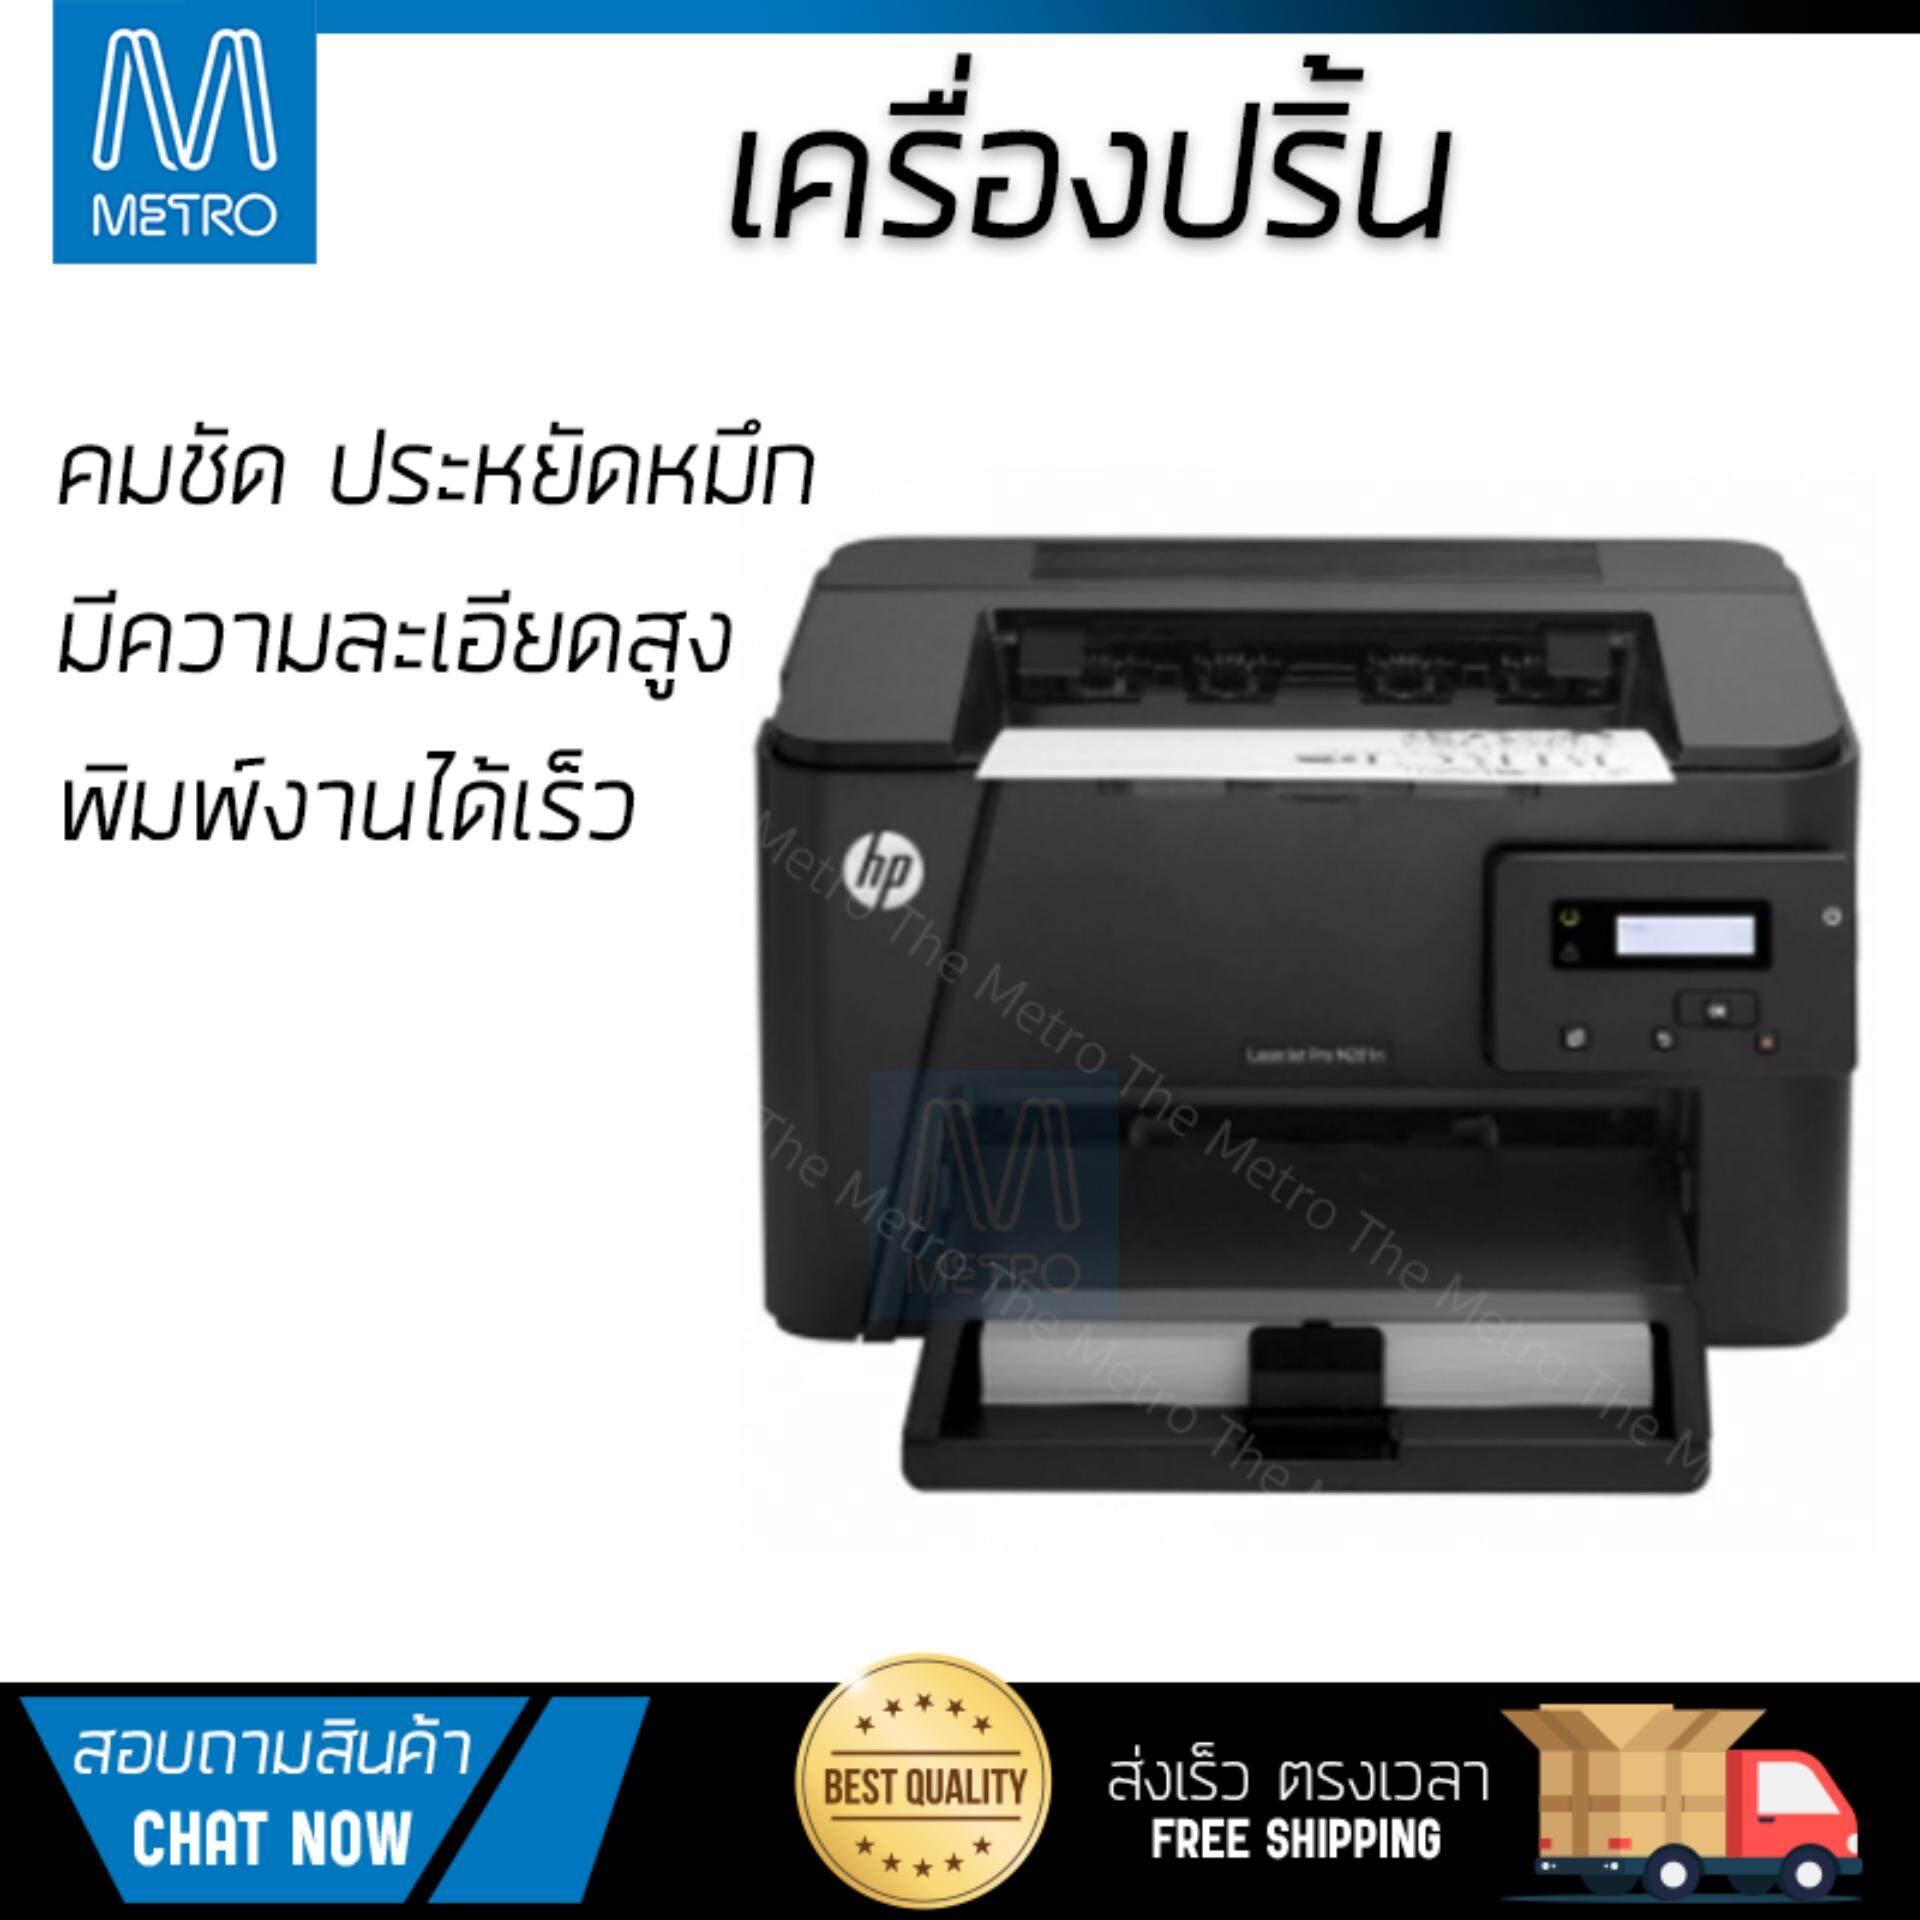 ลดสุดๆ โปรโมชัน เครื่องพิมพ์           HP ปริ้นเตอร์ รุ่น Jet Pro M201N             ความละเอียดสูง คมชัด ประหยัดหมึก เครื่องปริ้น เครื่องปริ้นท์ All in one Printer รับประกันสินค้า 1 ปี จัดส่งฟรี Kerry